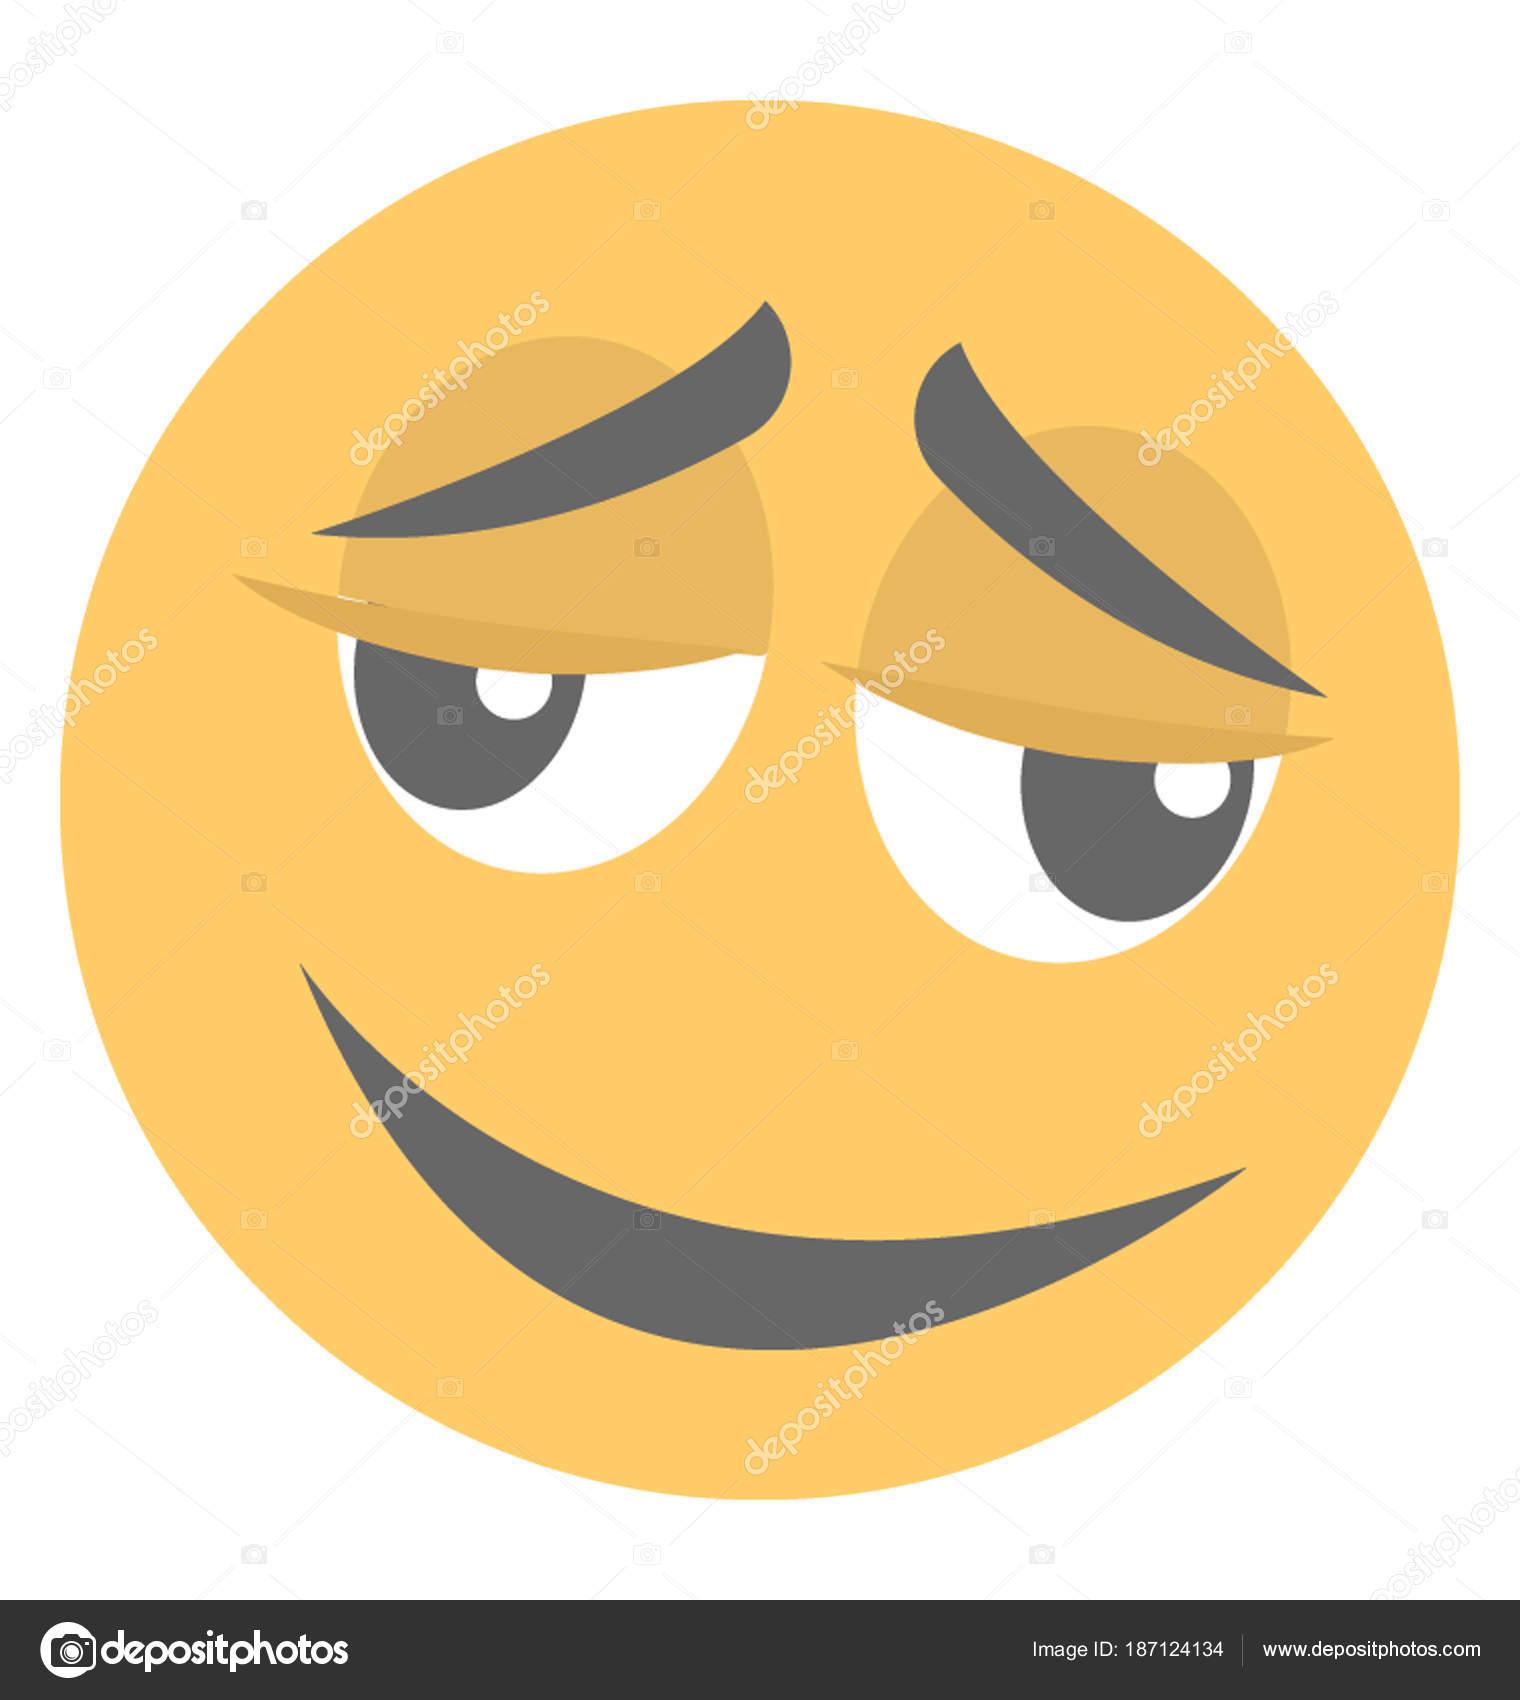 Was ist das Emoticon für das Erröten?